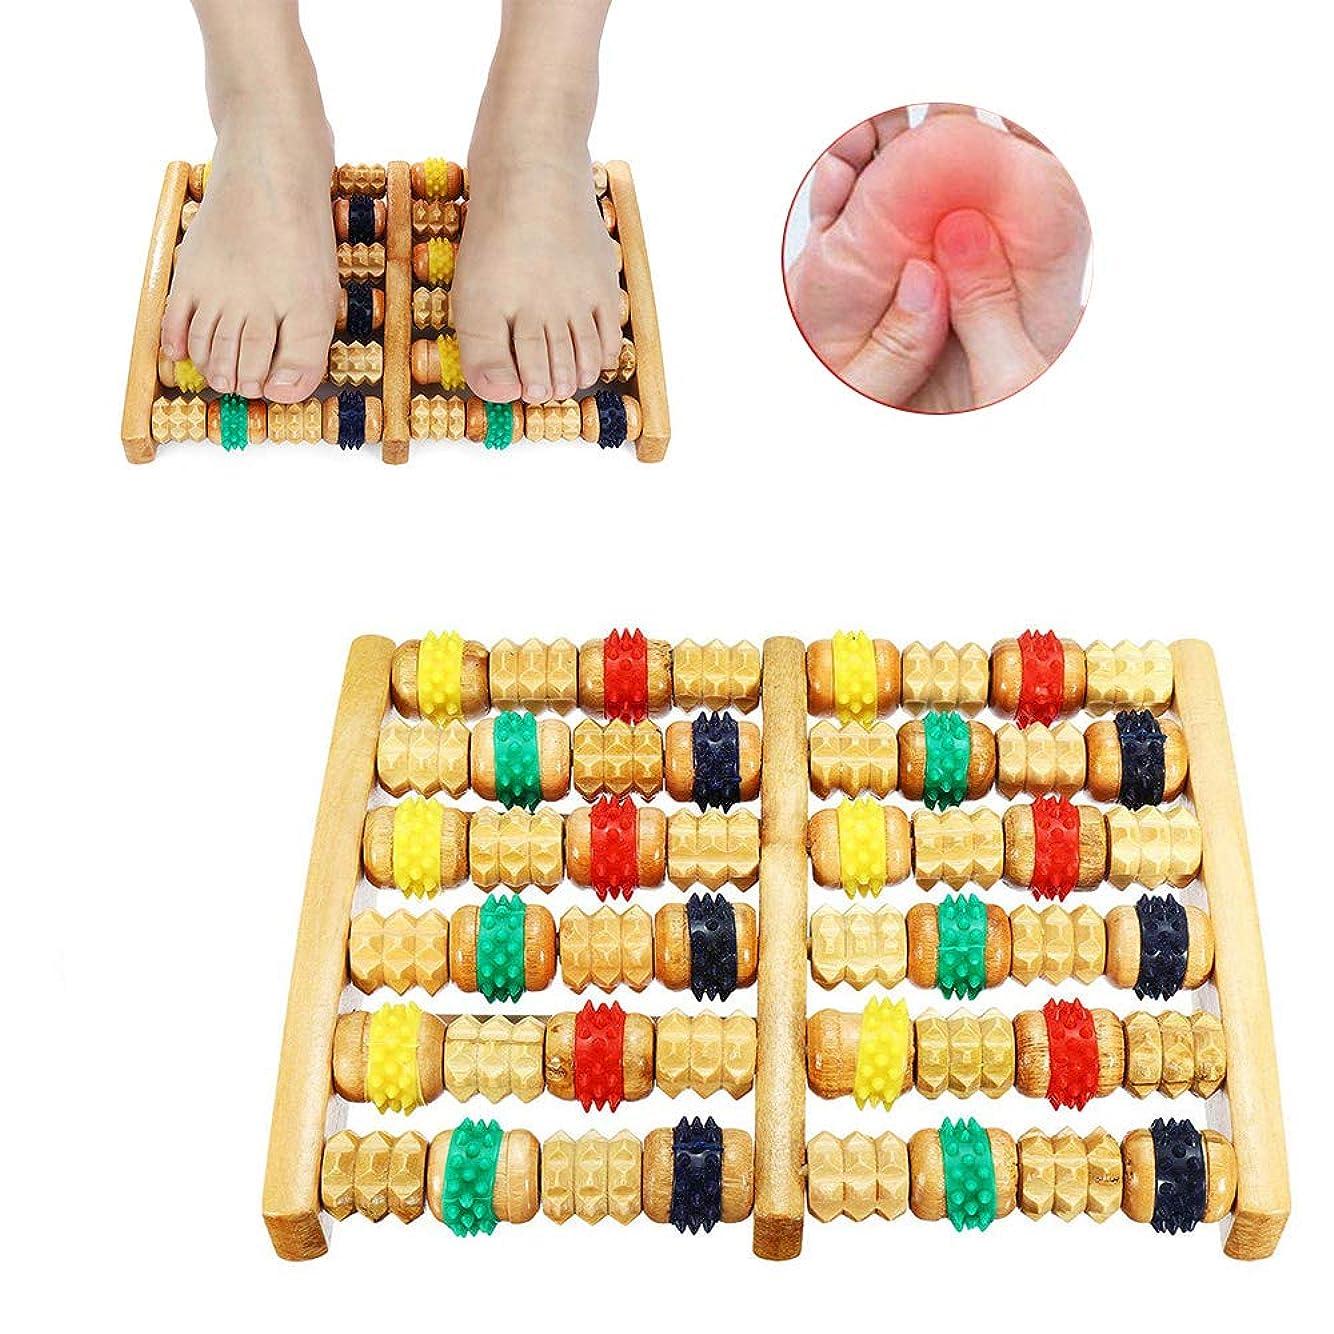 デマンド鑑定他の場所フットマッサージャーローラー、足のマッサージは足の痛み、リラクゼーション、ストレス解消のために足底筋膜炎を和らげます